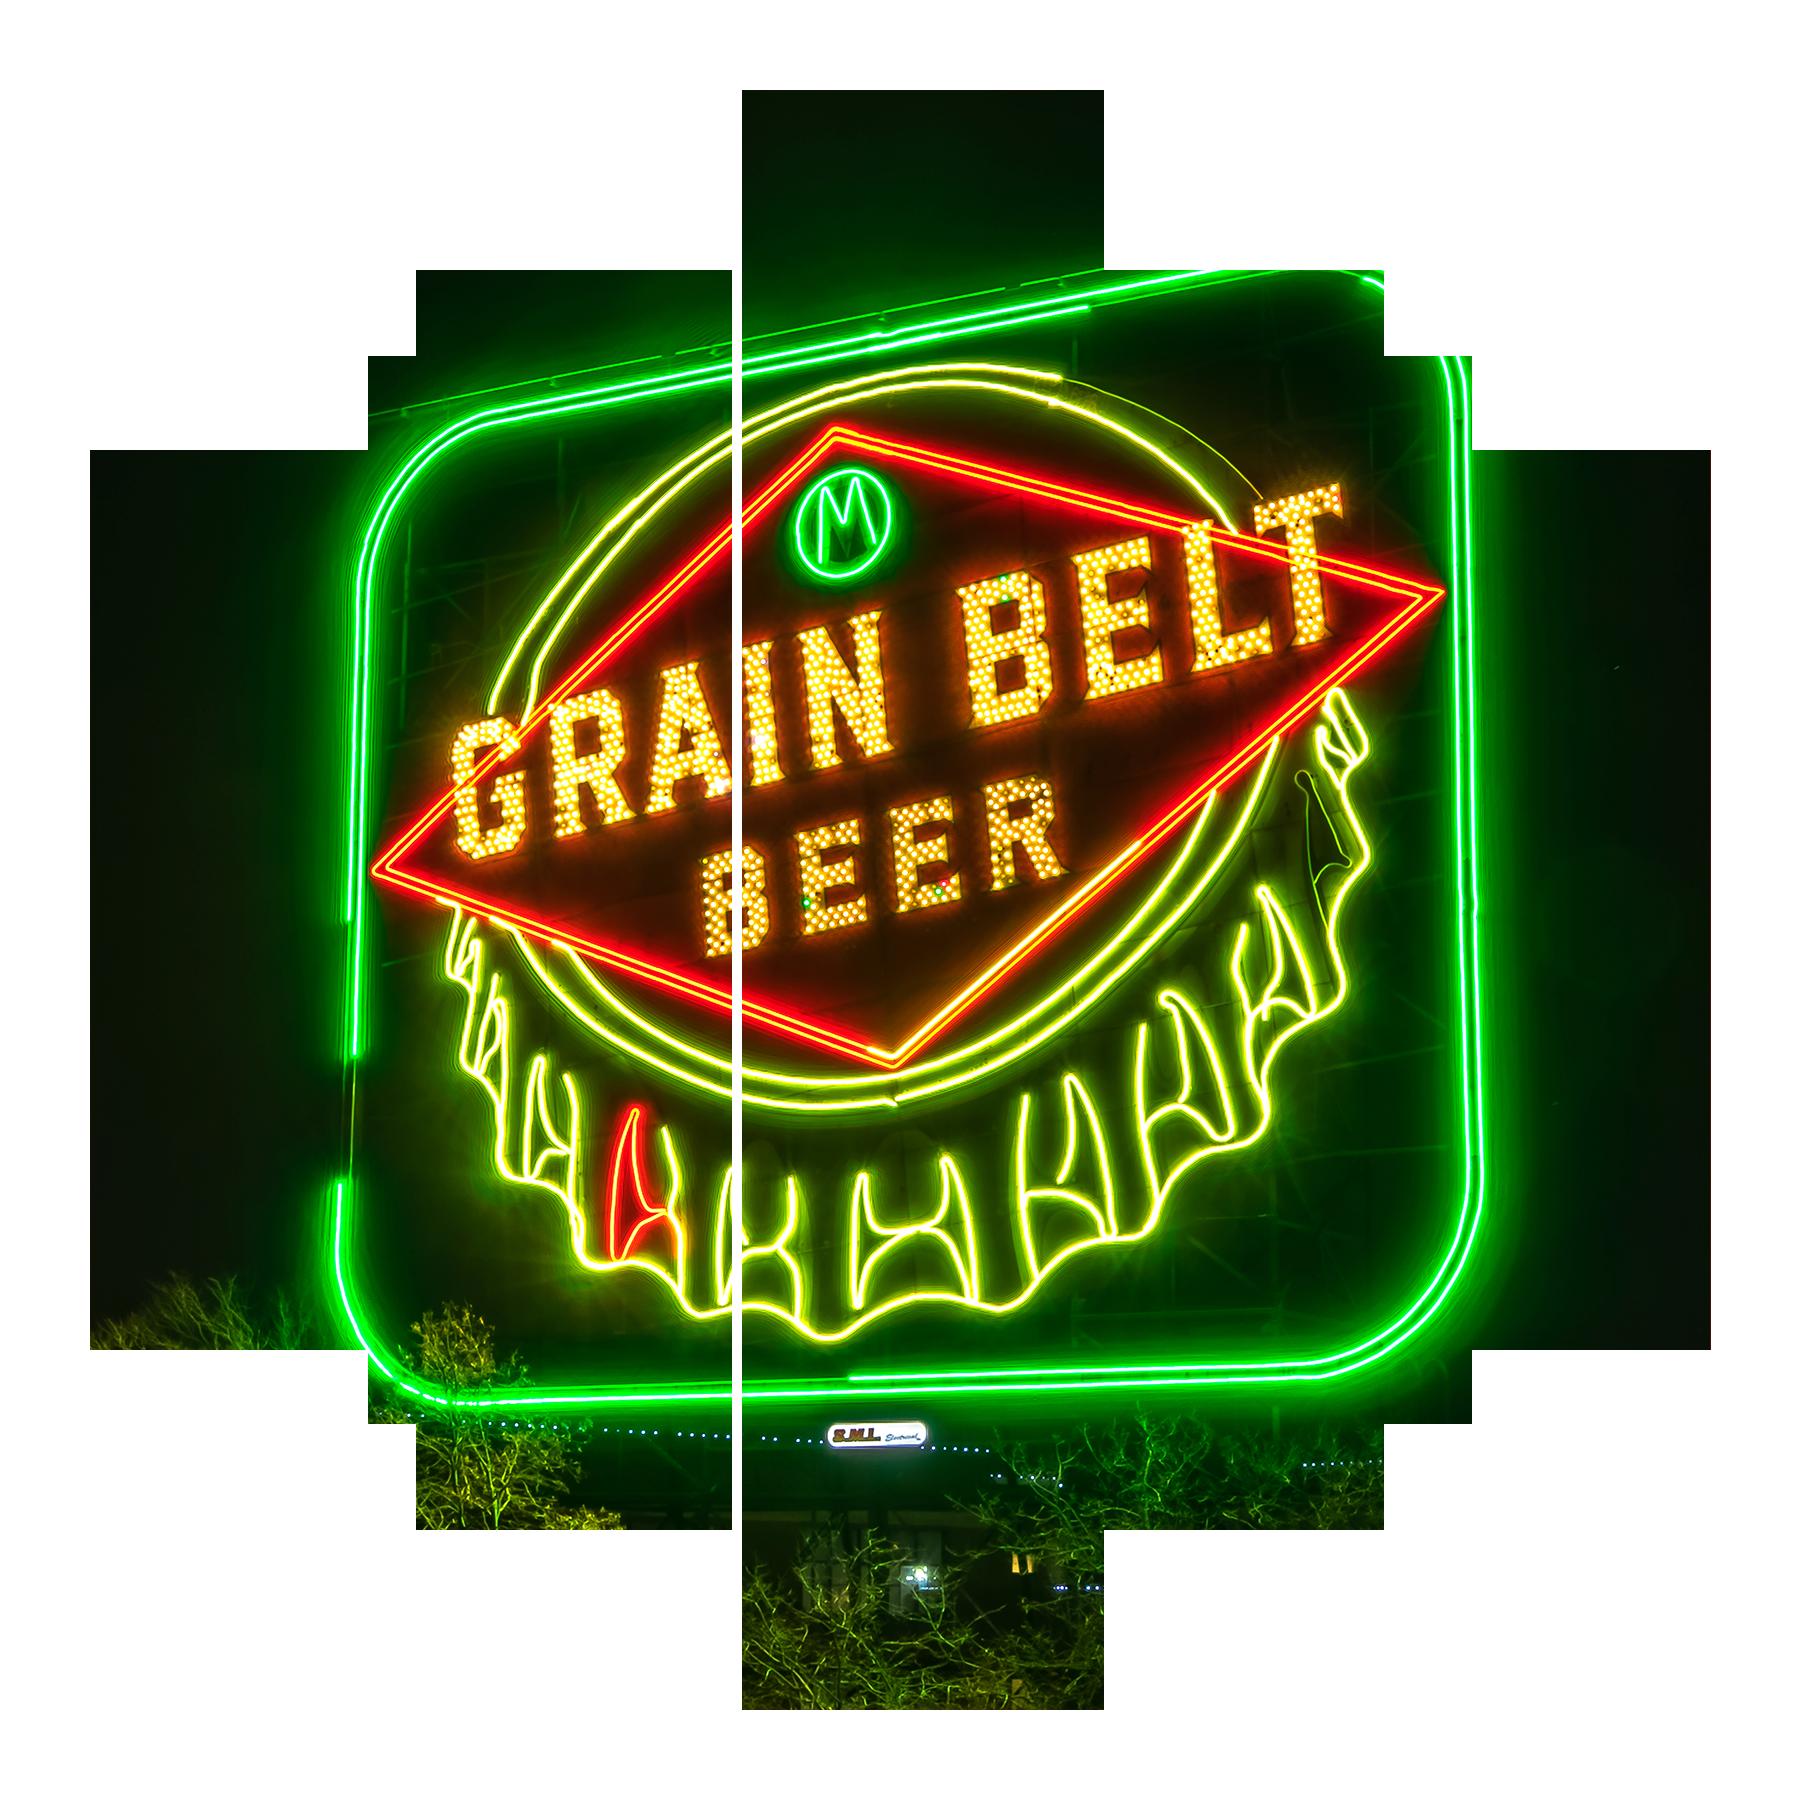 Grain belt beer sign mzwgmx